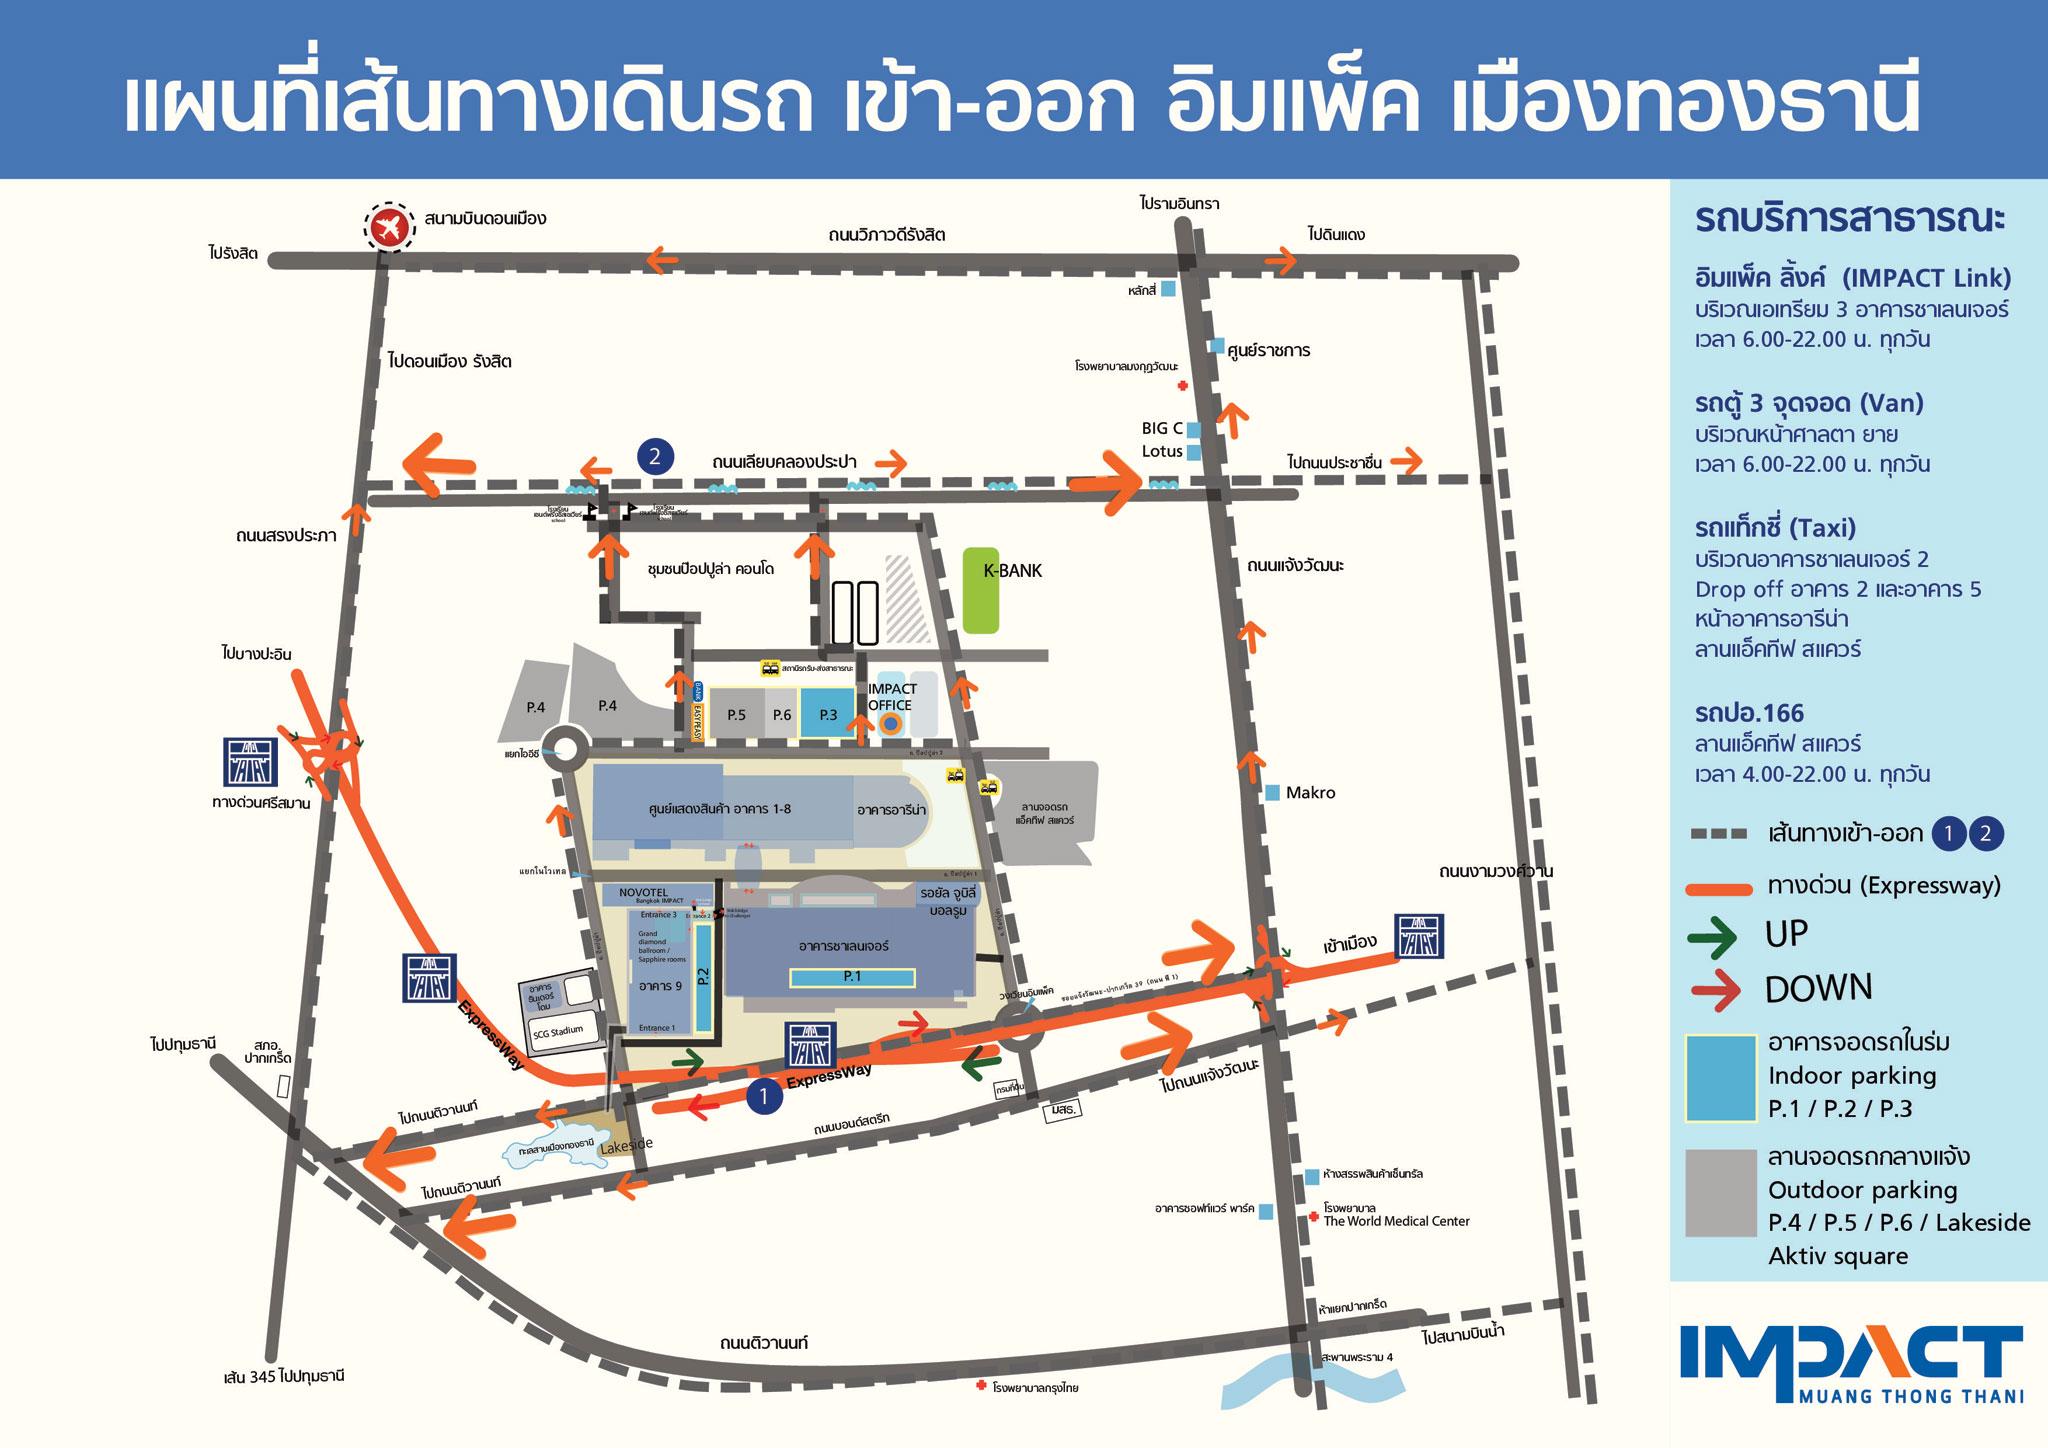 แผนที่โรงแรม Novotel Bangkok Impact เมืองทองธานี - คลิกเพื่อขยาย